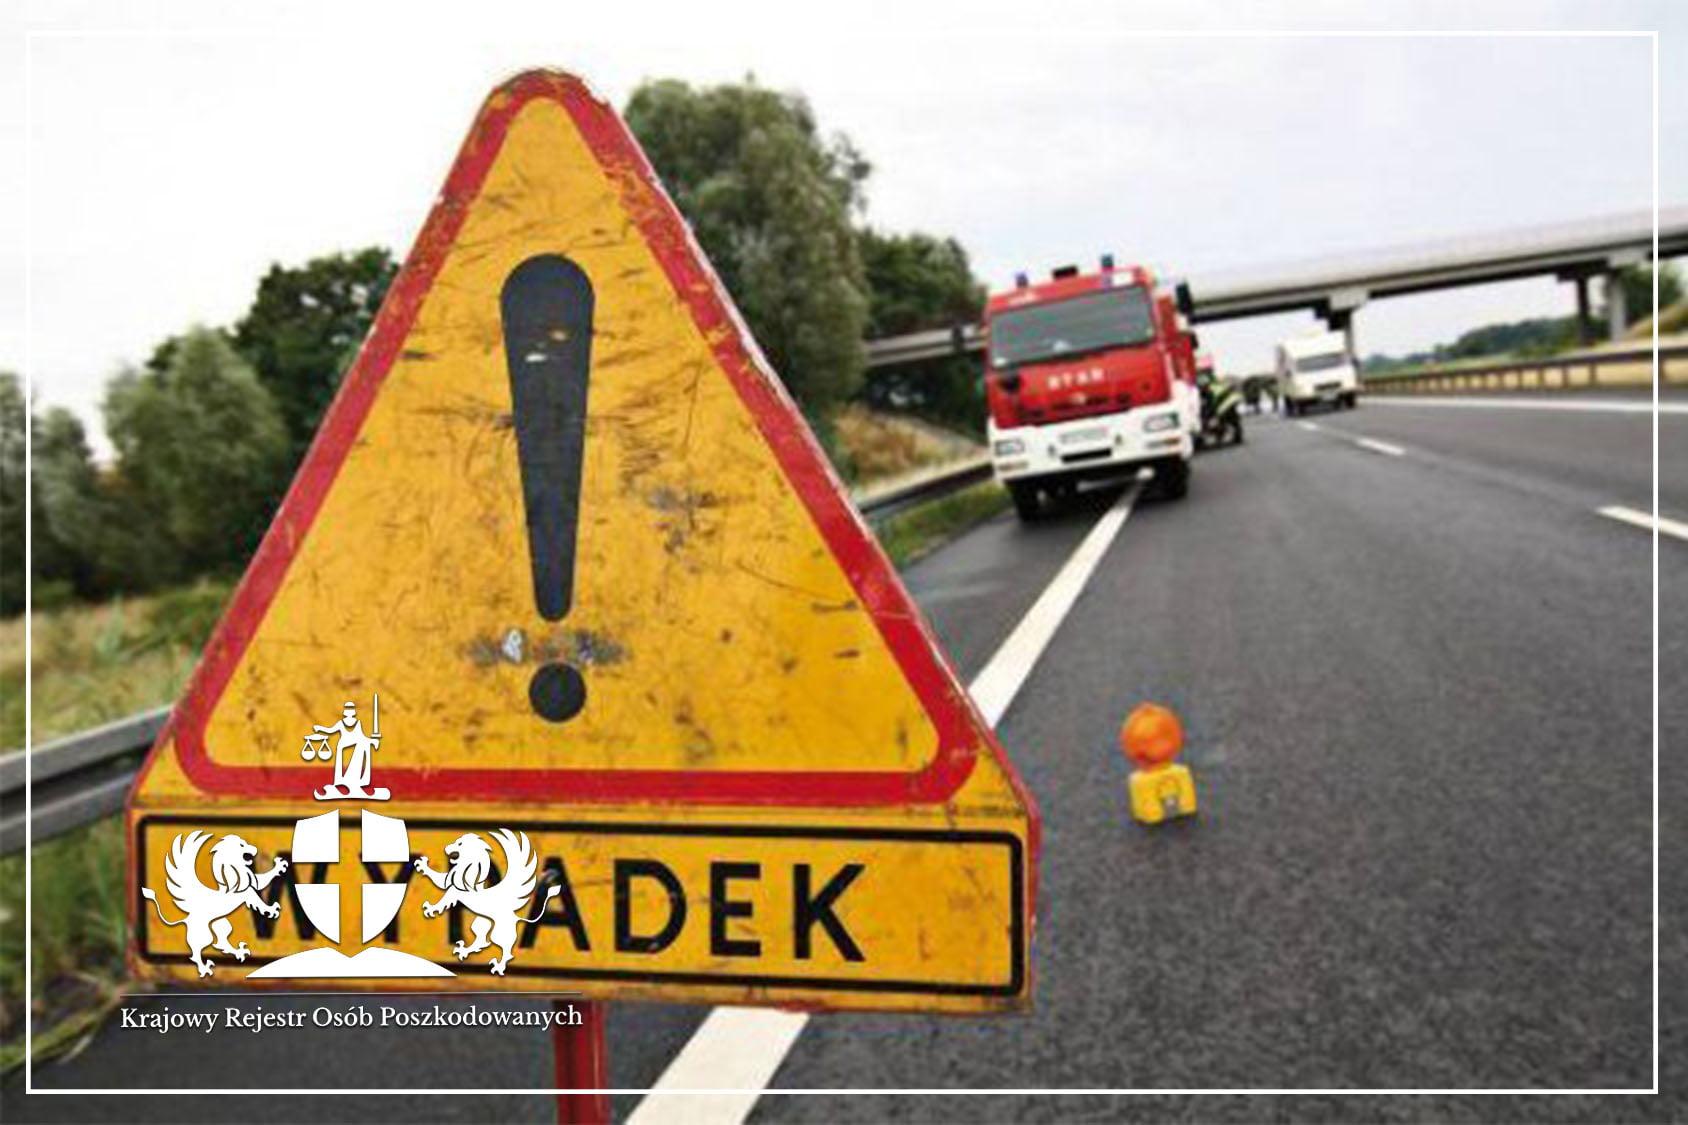 Postępowanie karne przeciwko sprawcy wypadku